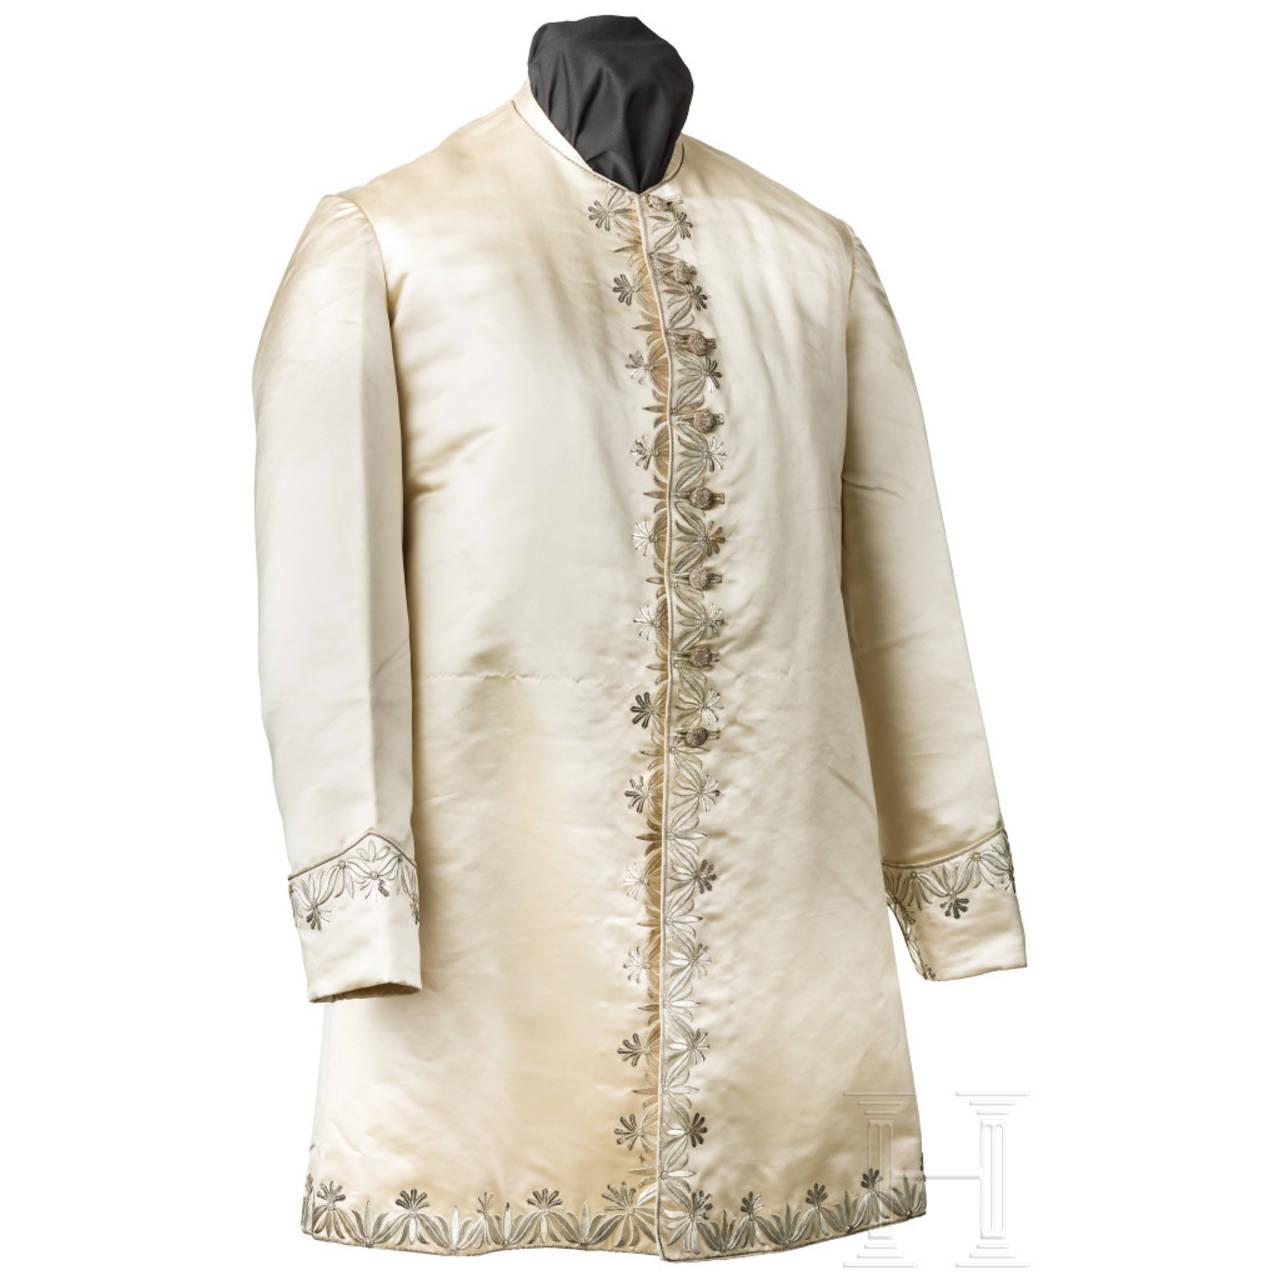 Klemens Wenzeslaus Franz Blasius Freiherr von Thünefeld – A tunic from the vestments of the Order of St. George